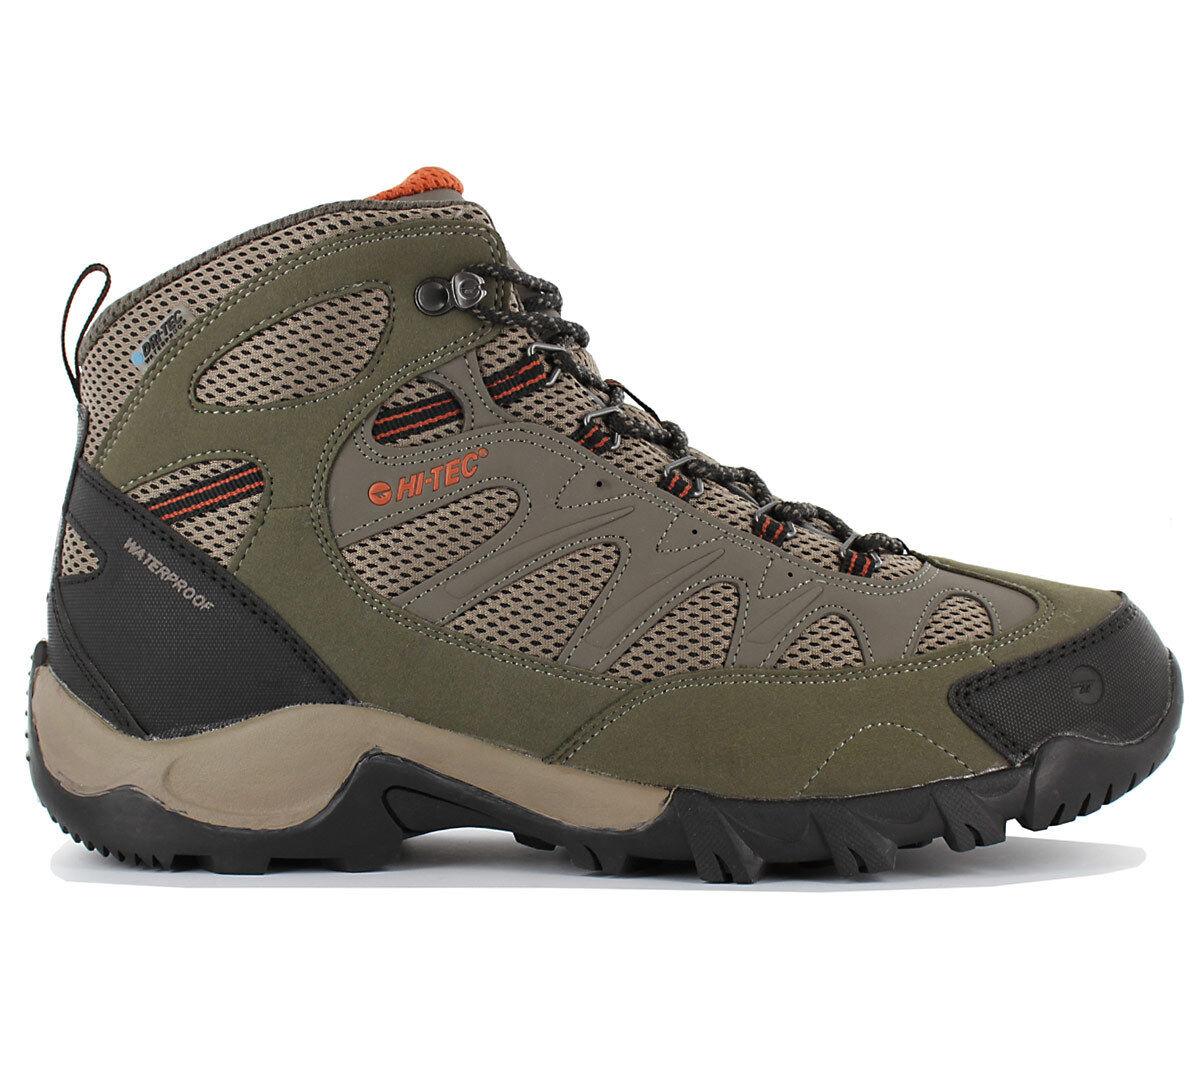 Hi-Tec Trailstone WP Dri-Tec Waterproof Herren Wanderschuhe Outdoor Schuhe NEU